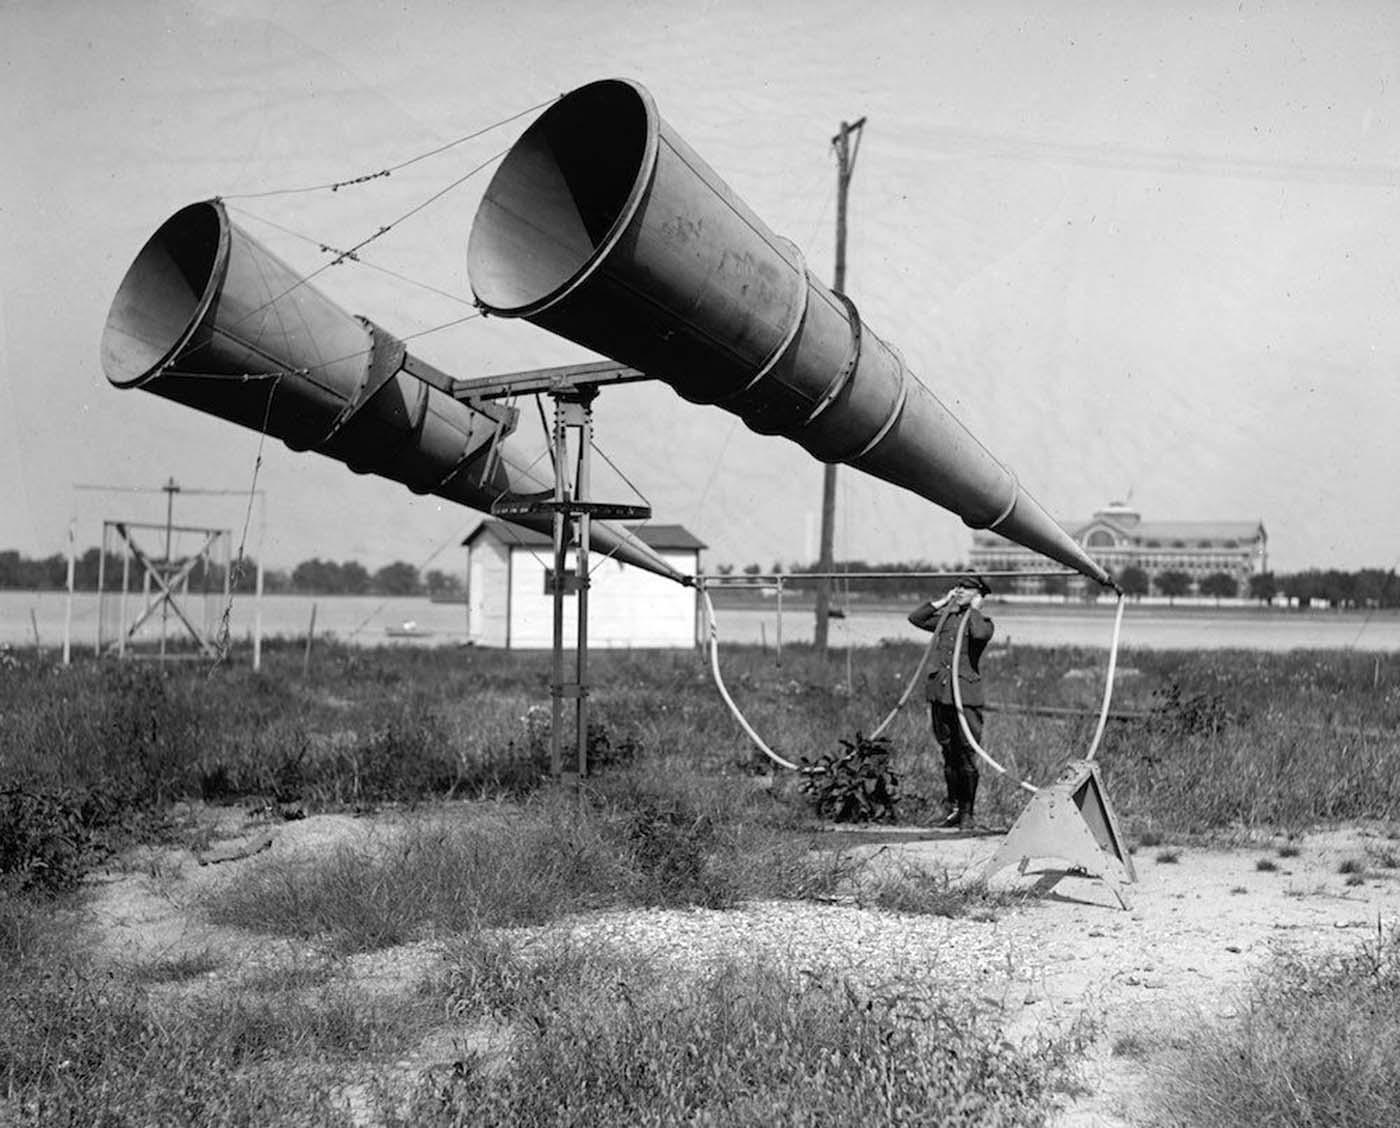 Акустическая система из двух труб на тестовых испытаниях в США, 1921 год